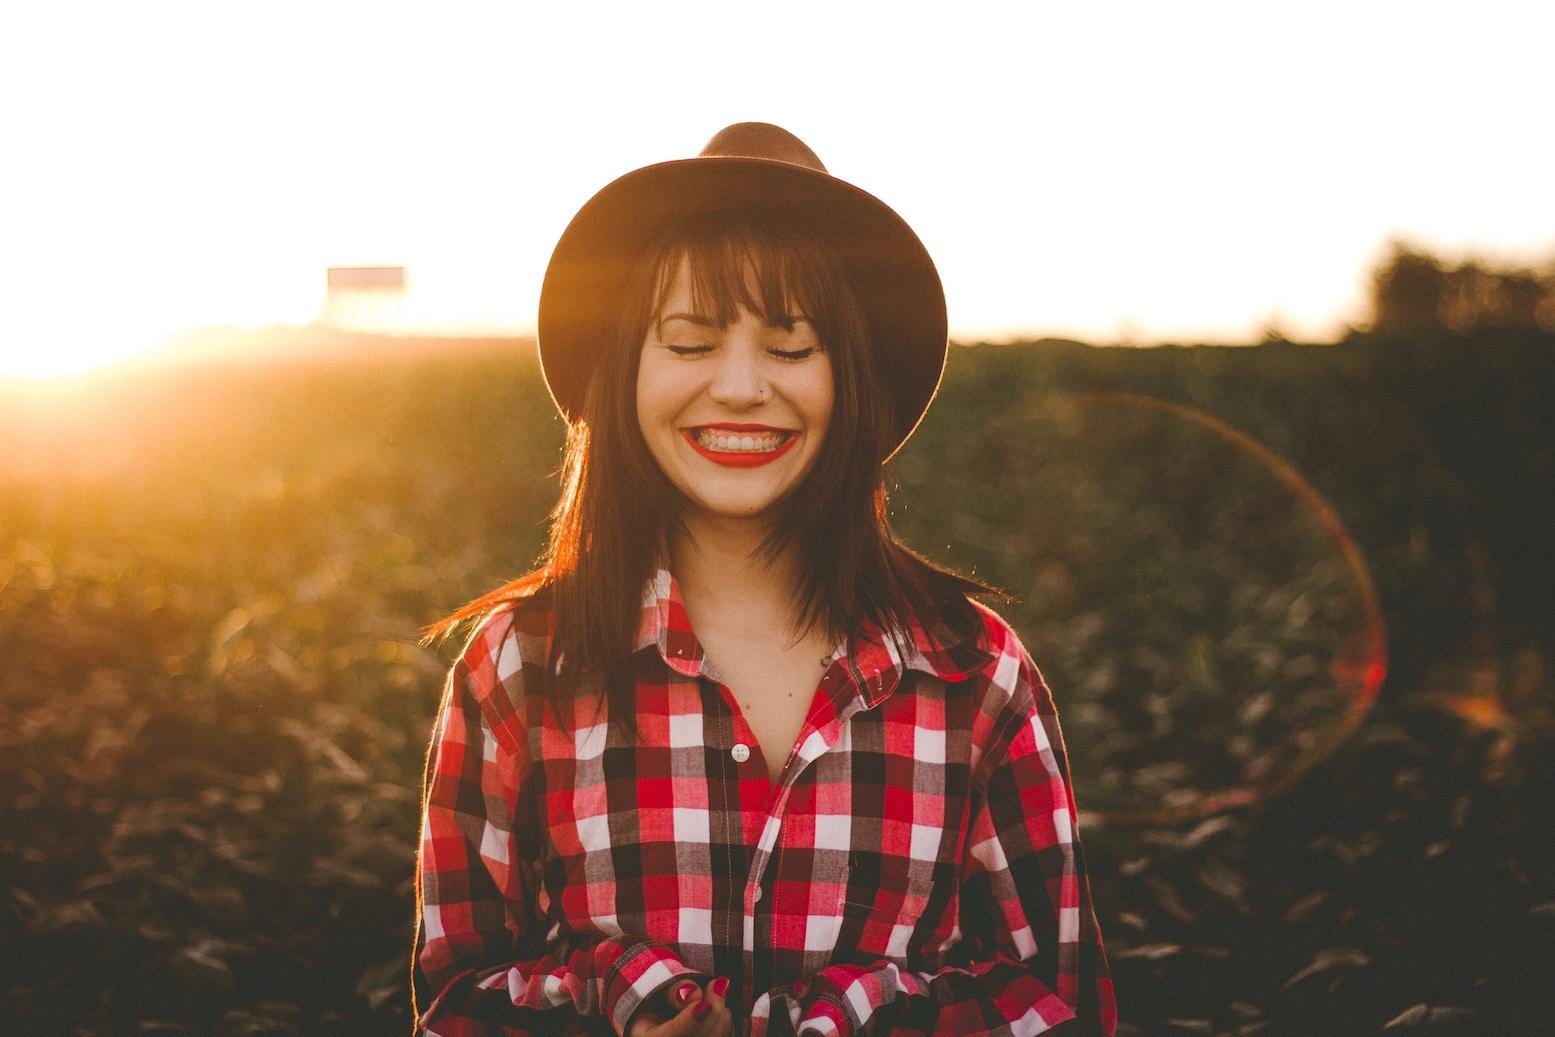 Lachen ist ansteckend_lachendes Gesicht_happy face